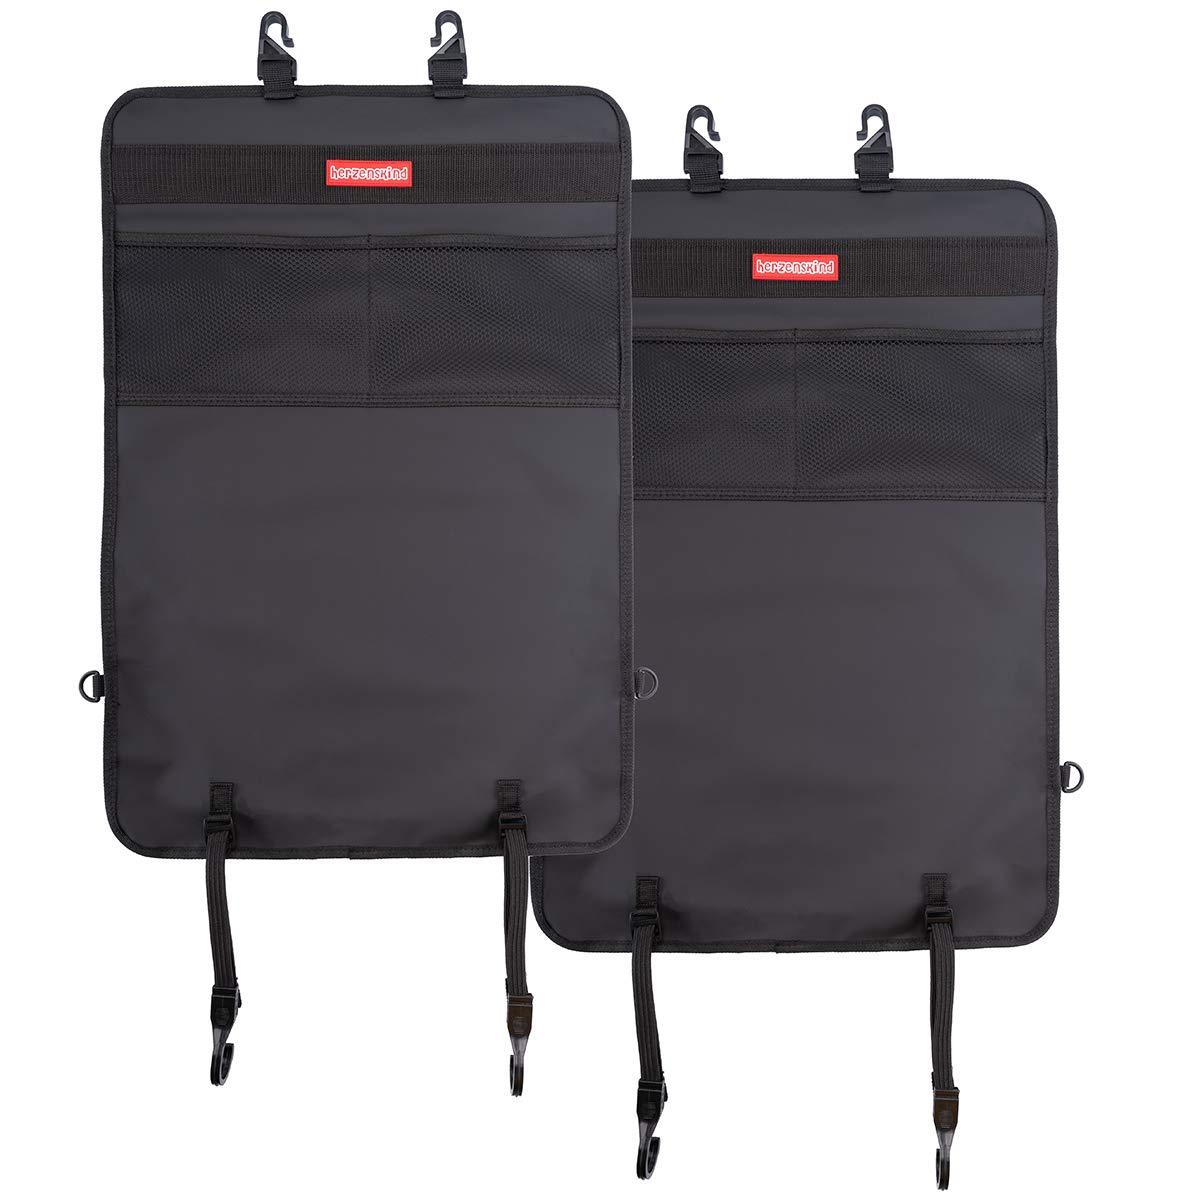 Sch/ützt Ihre Autositze vor Schmutz Herzenskind R/ücklehnenschutz und Organizer schwarz